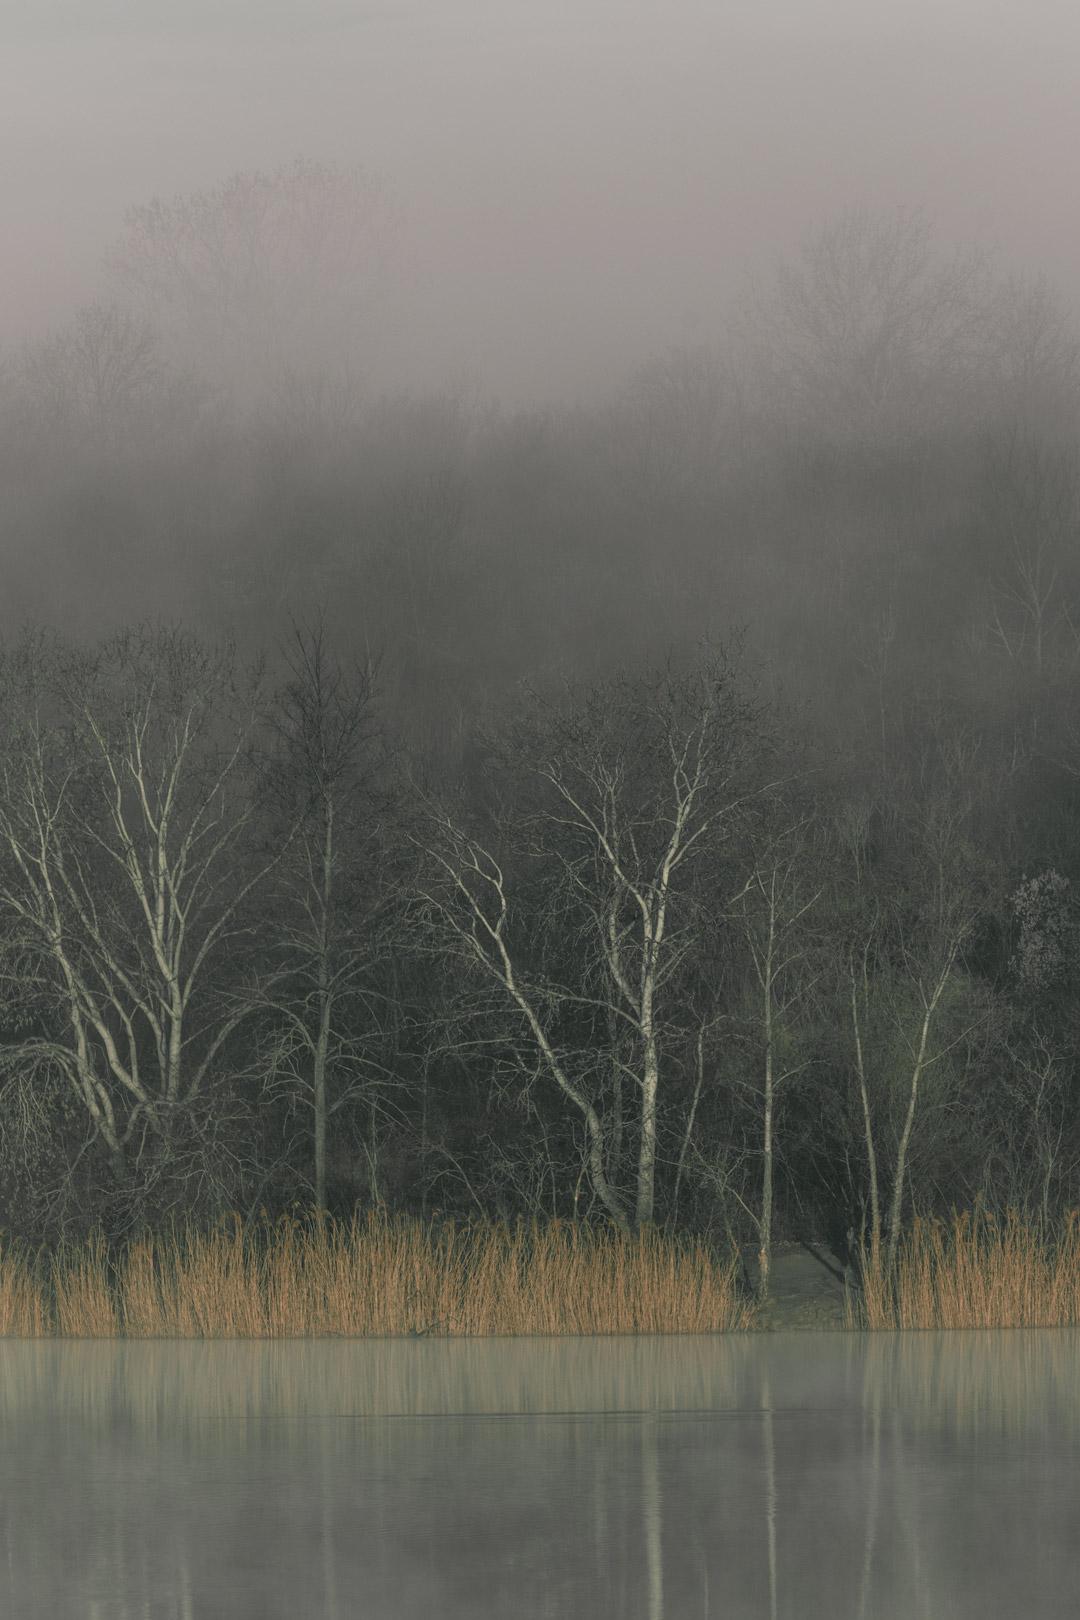 Erholungsgebeit Wienerberg in morning fog, Vienna, Austria